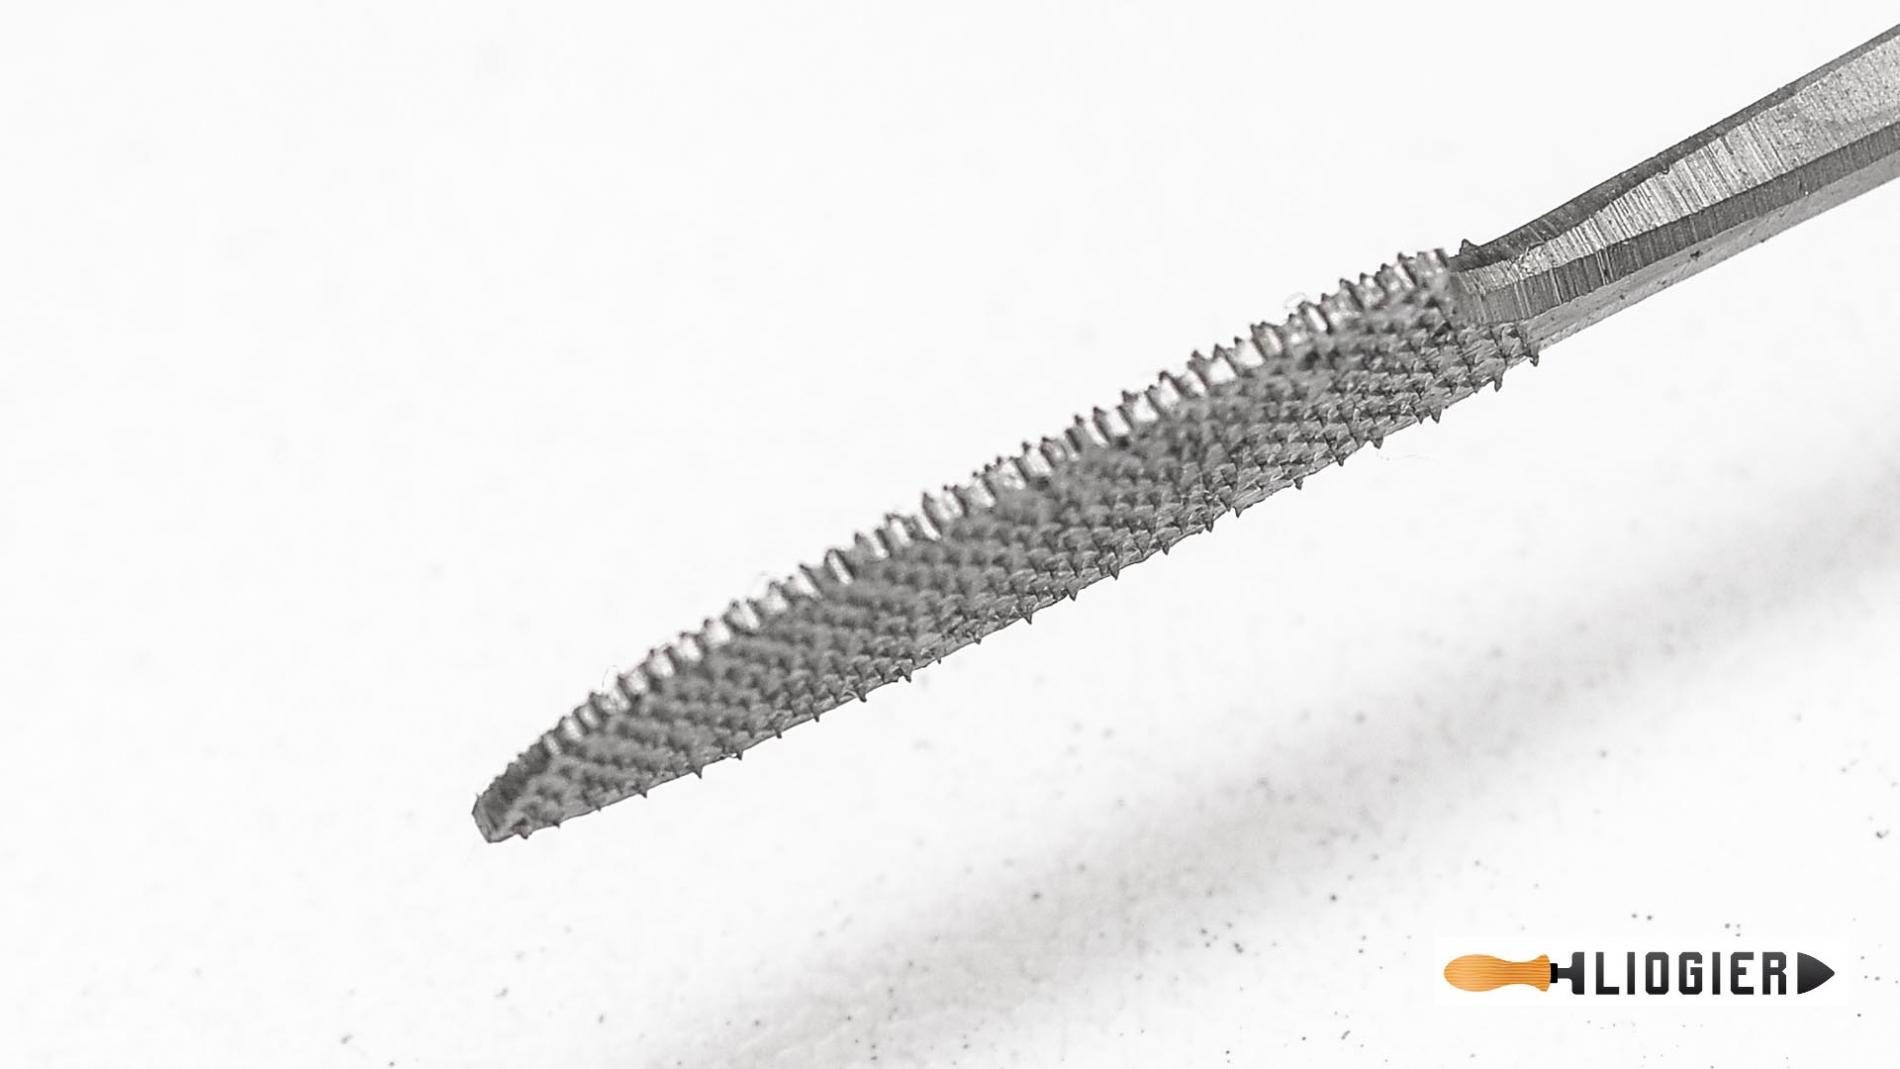 L150-1-15-Escofina de codillo 1 cuchara y cuchillo 150mm pique 15 Liogier L150-1-15-max-4.